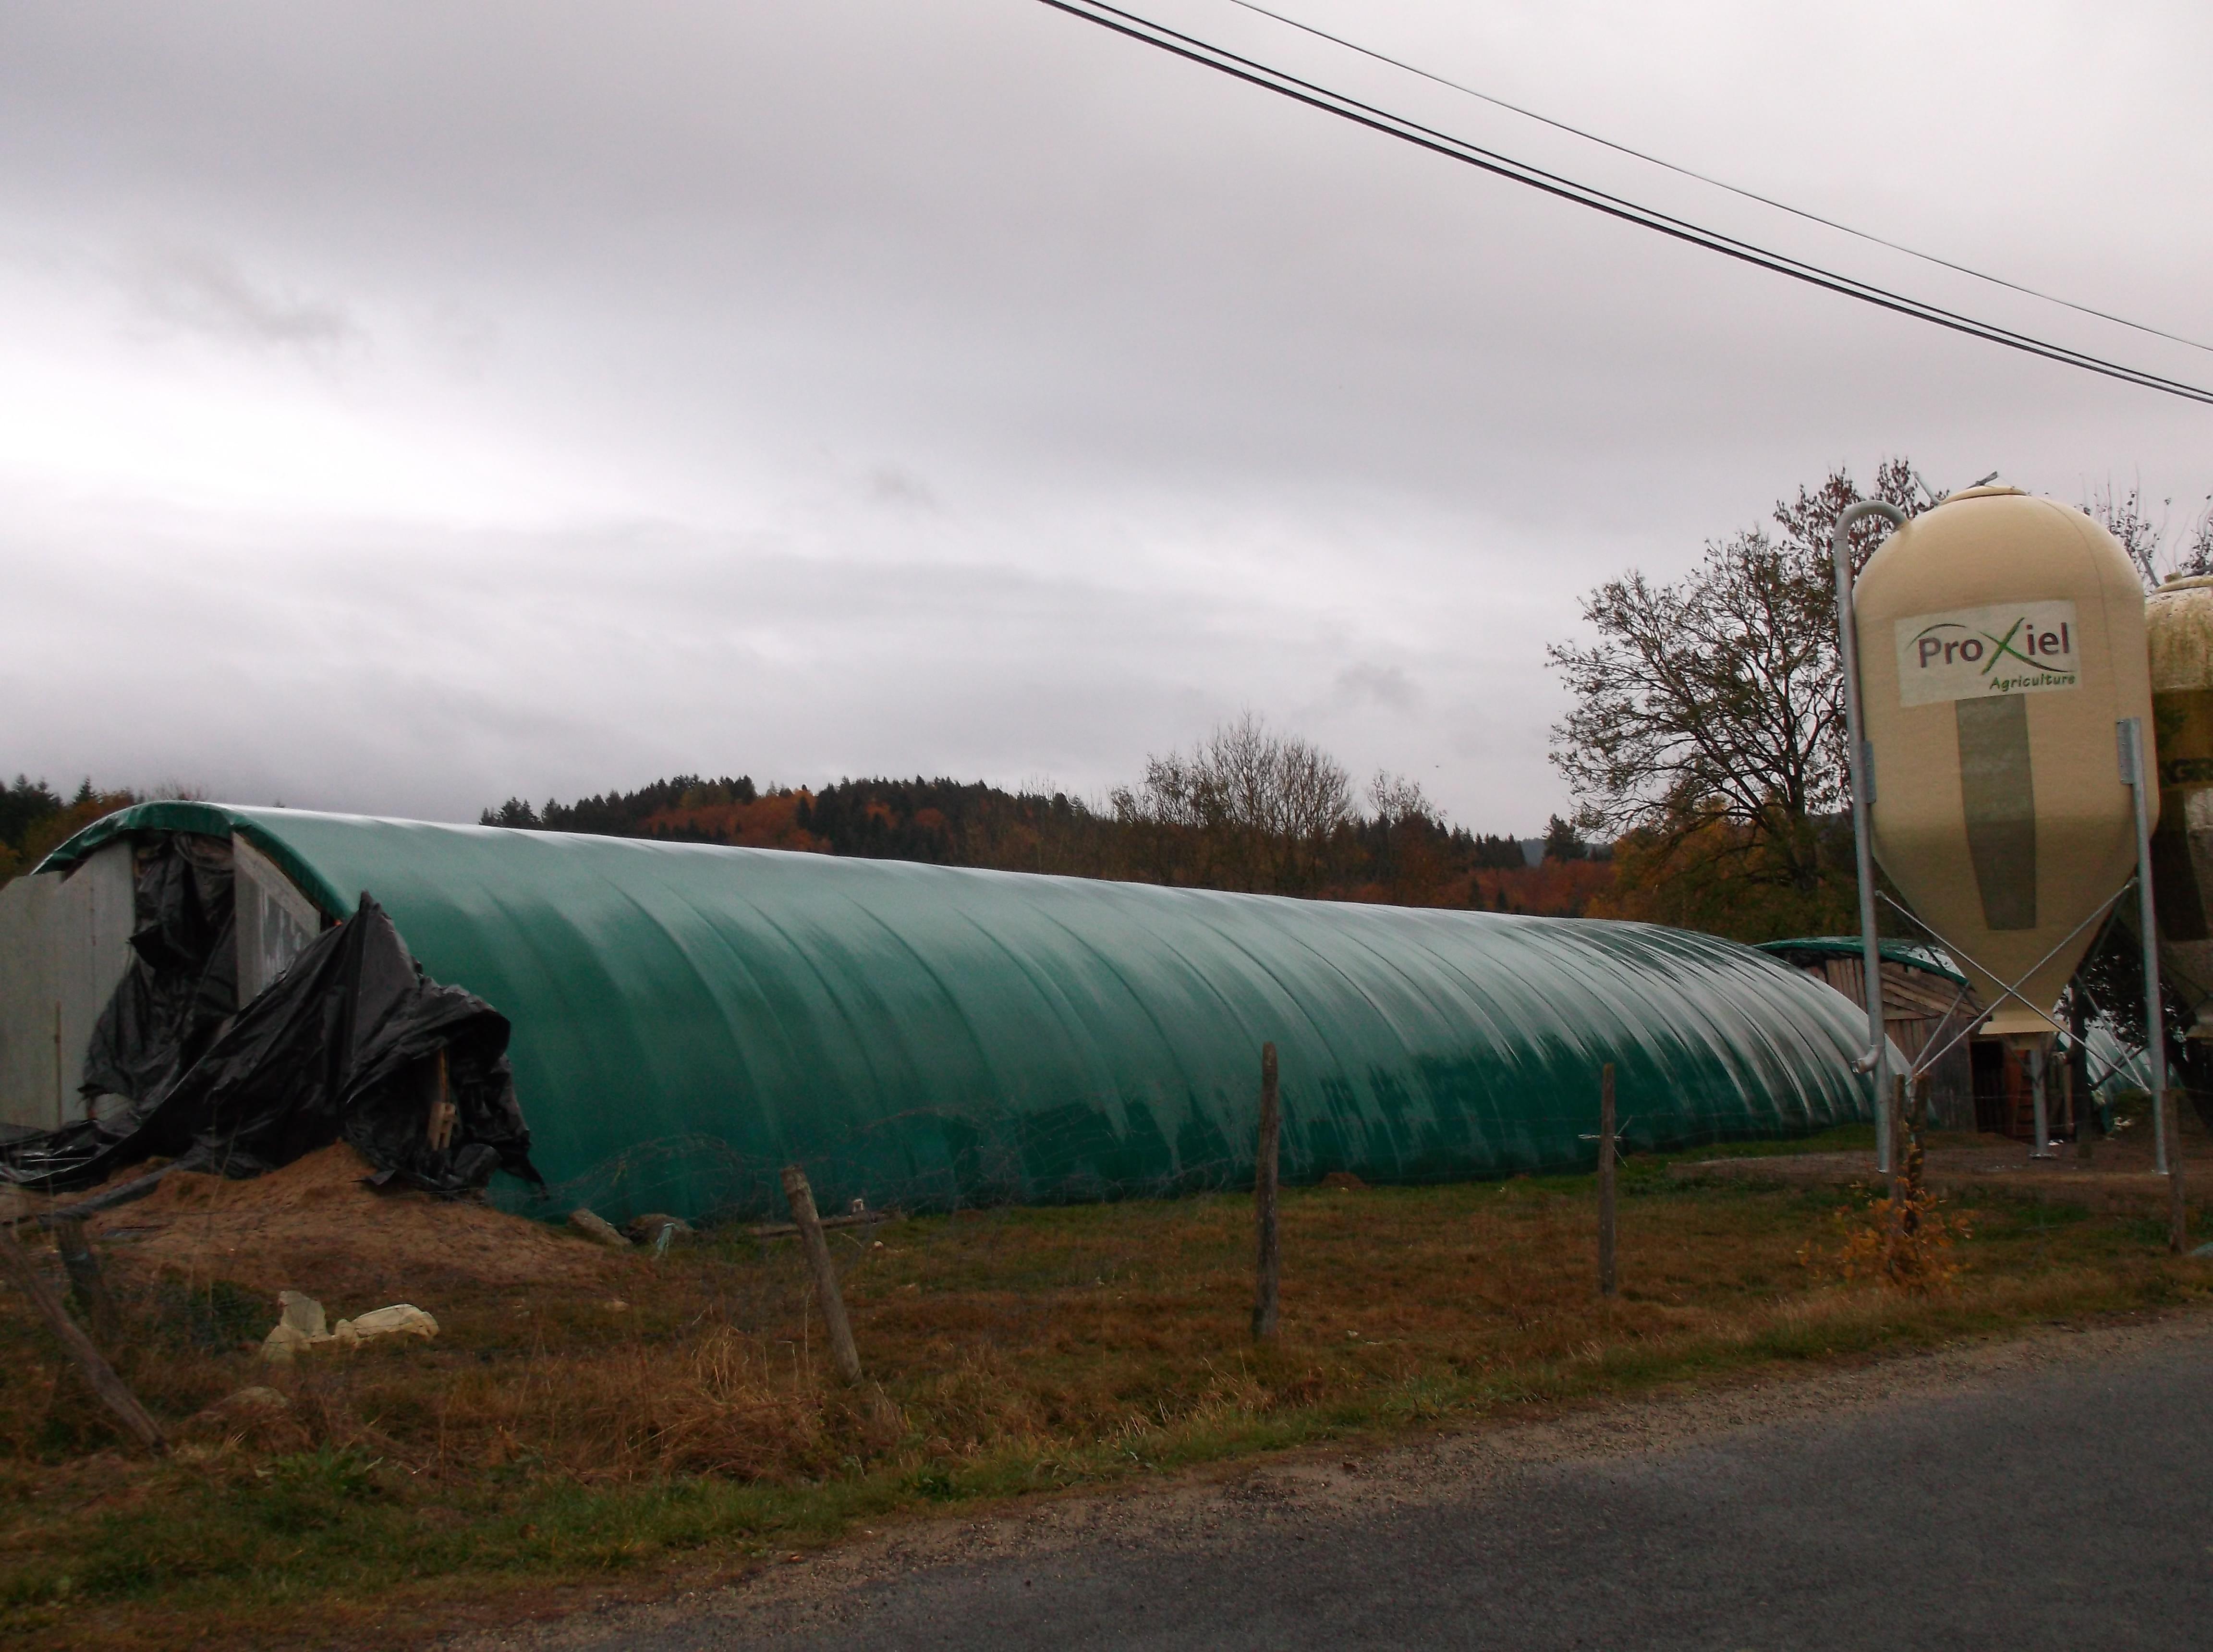 Vend exploitation agricole bio à 750m d'altitude / REF743